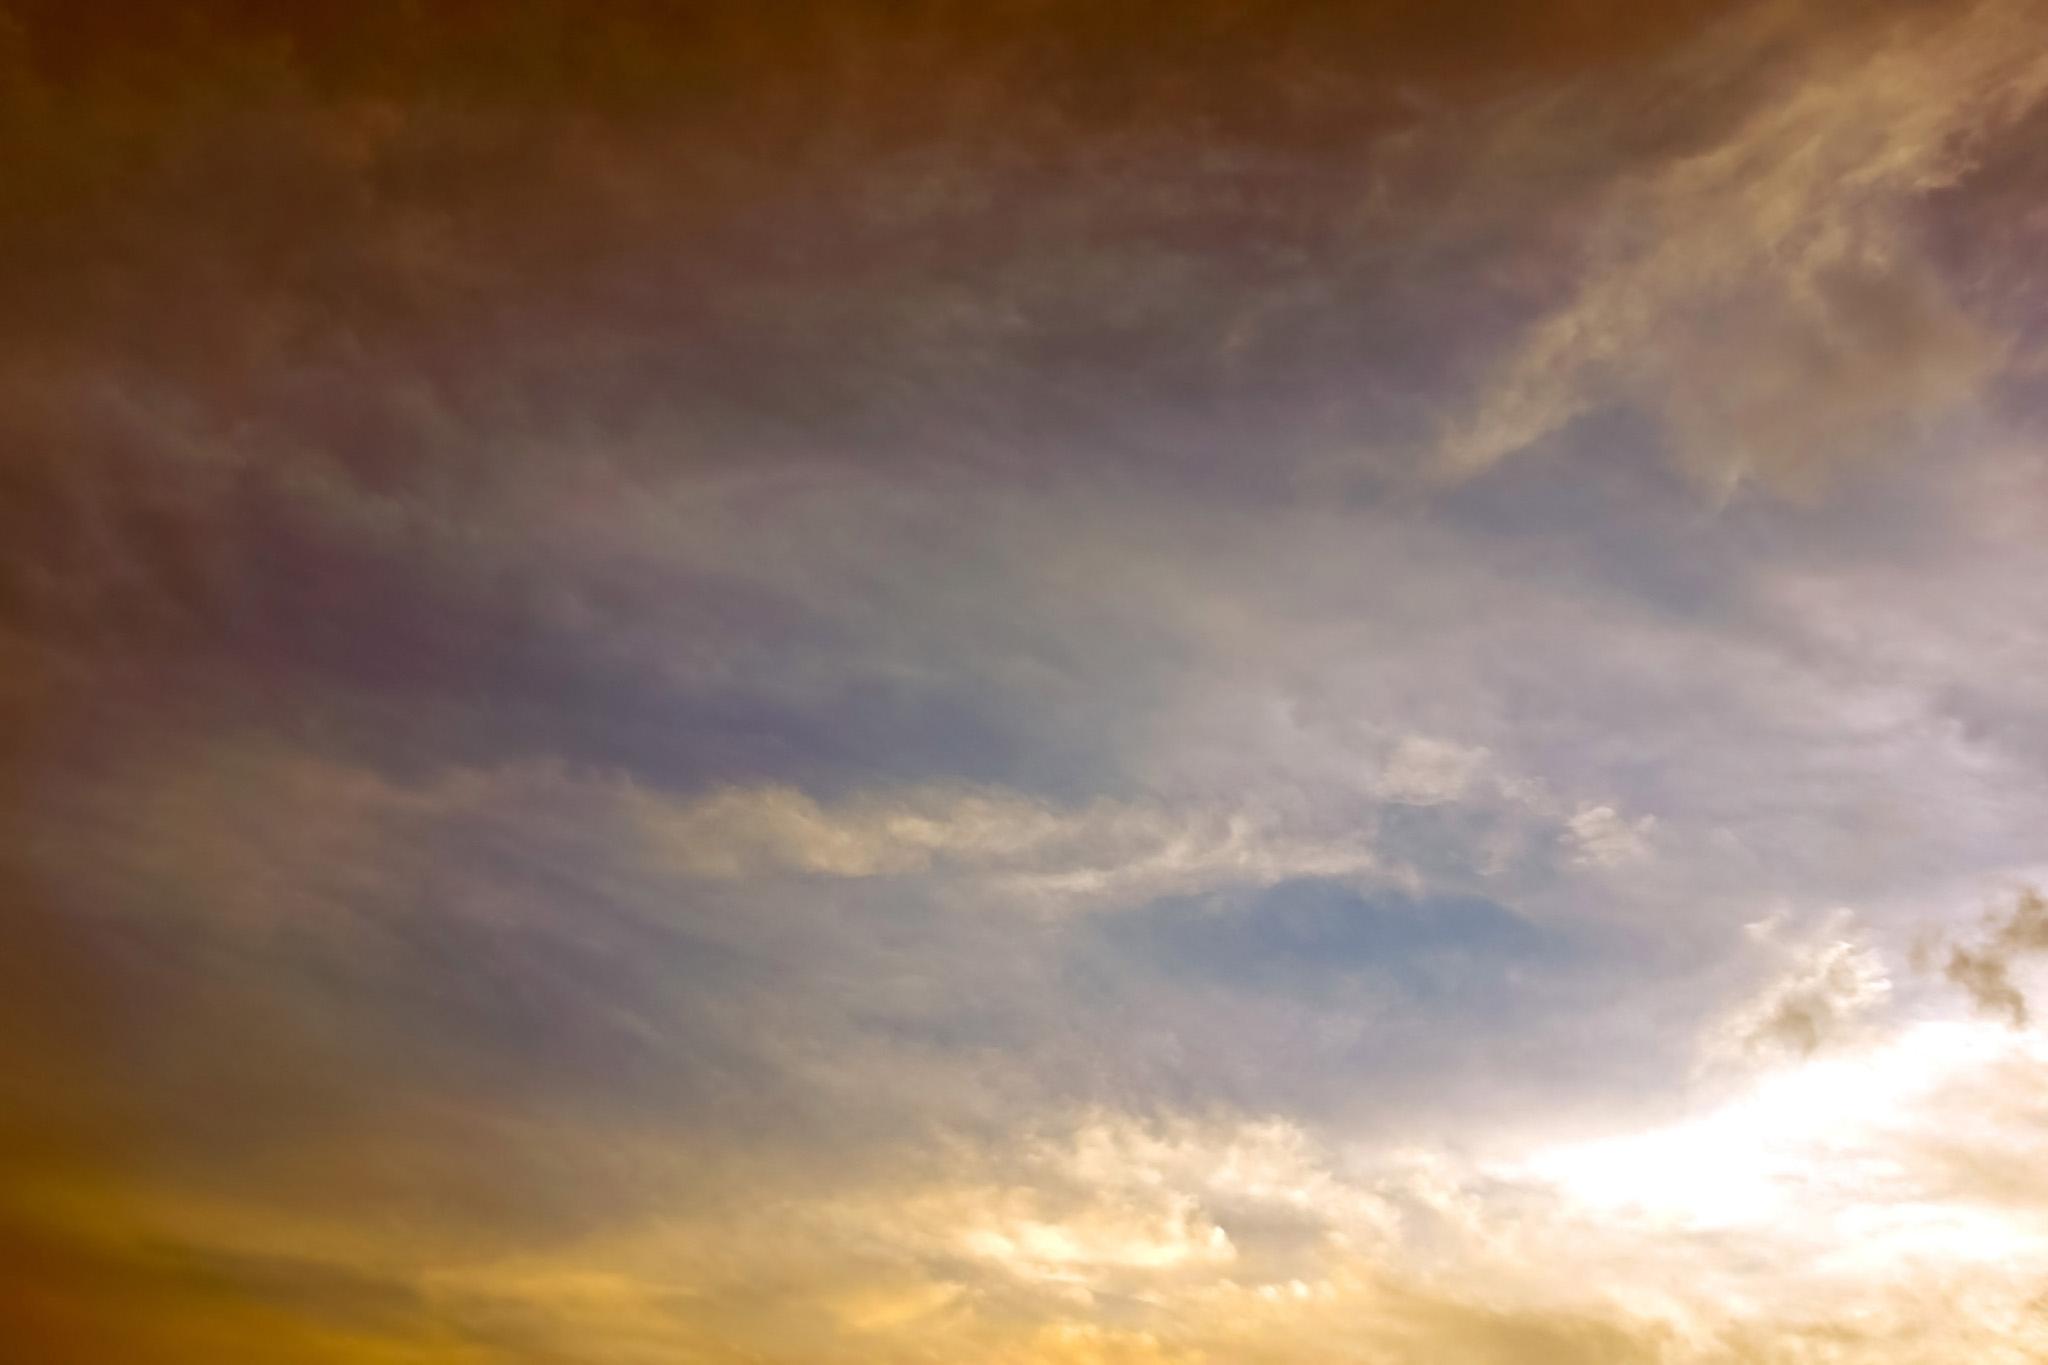 「夕焼けが巻雲を淡く彩る空」